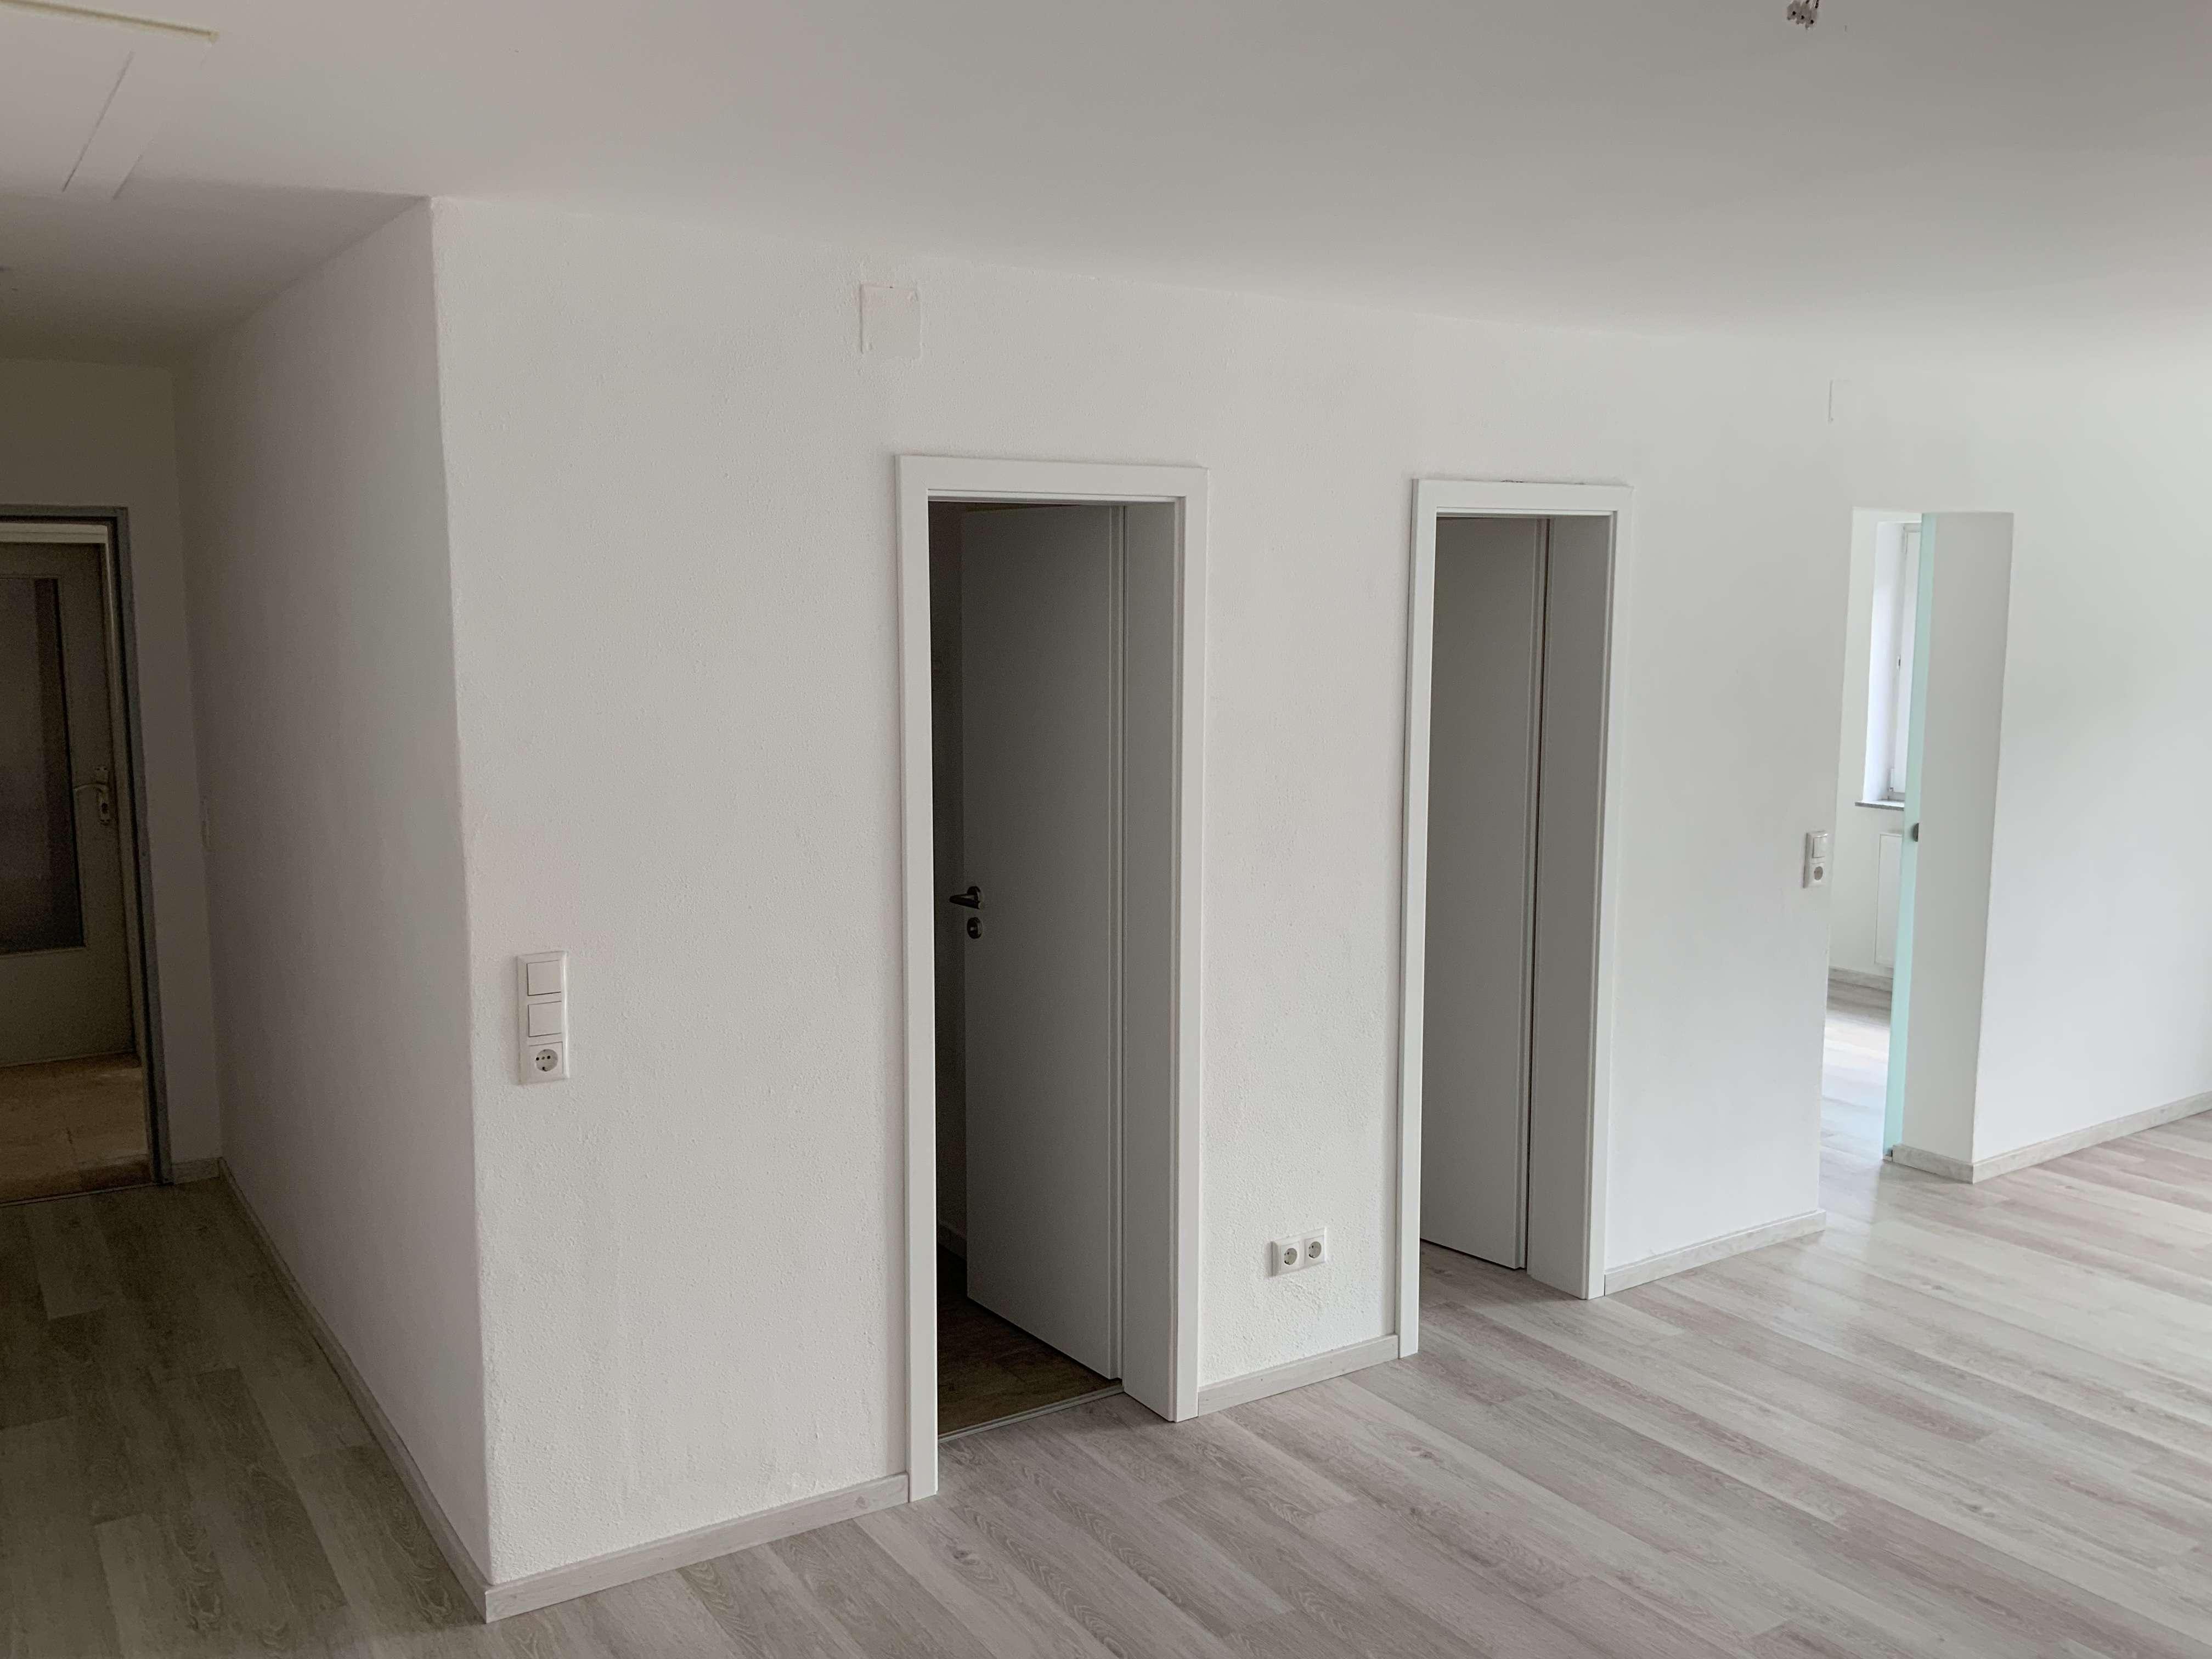 Freundliche, sanierte 2-Zimmer-Wohnung zur Miete in Scheßlitz bei Bamberg (Kreis) in